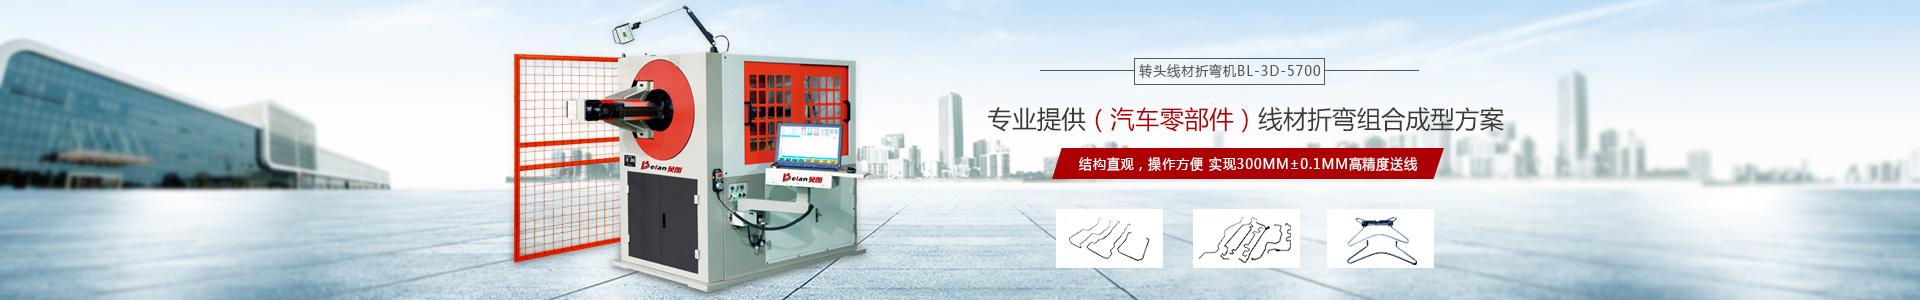 数控线cai折wan机_线cai成xing机-东莞ag利来自donghua设备